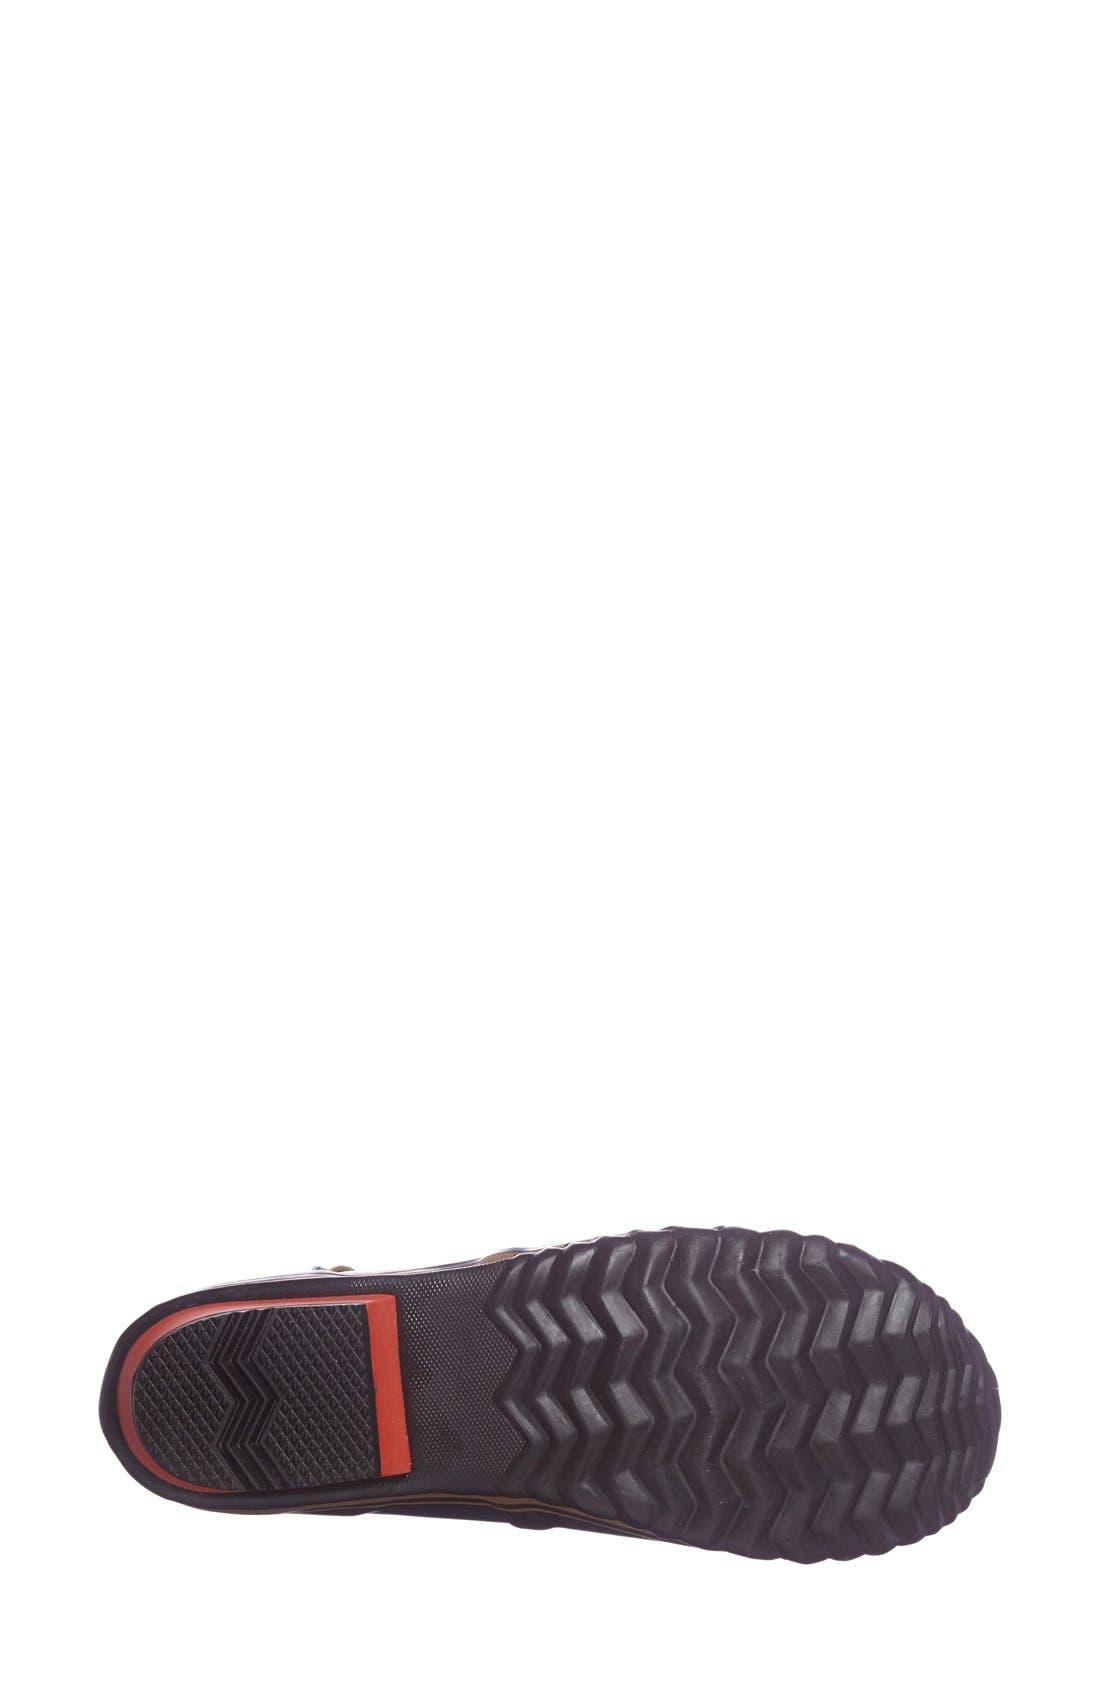 SOREL,                             'Slimpack Riding Glow<sup>™</sup>' Waterproof Boot,                             Alternate thumbnail 2, color,                             010